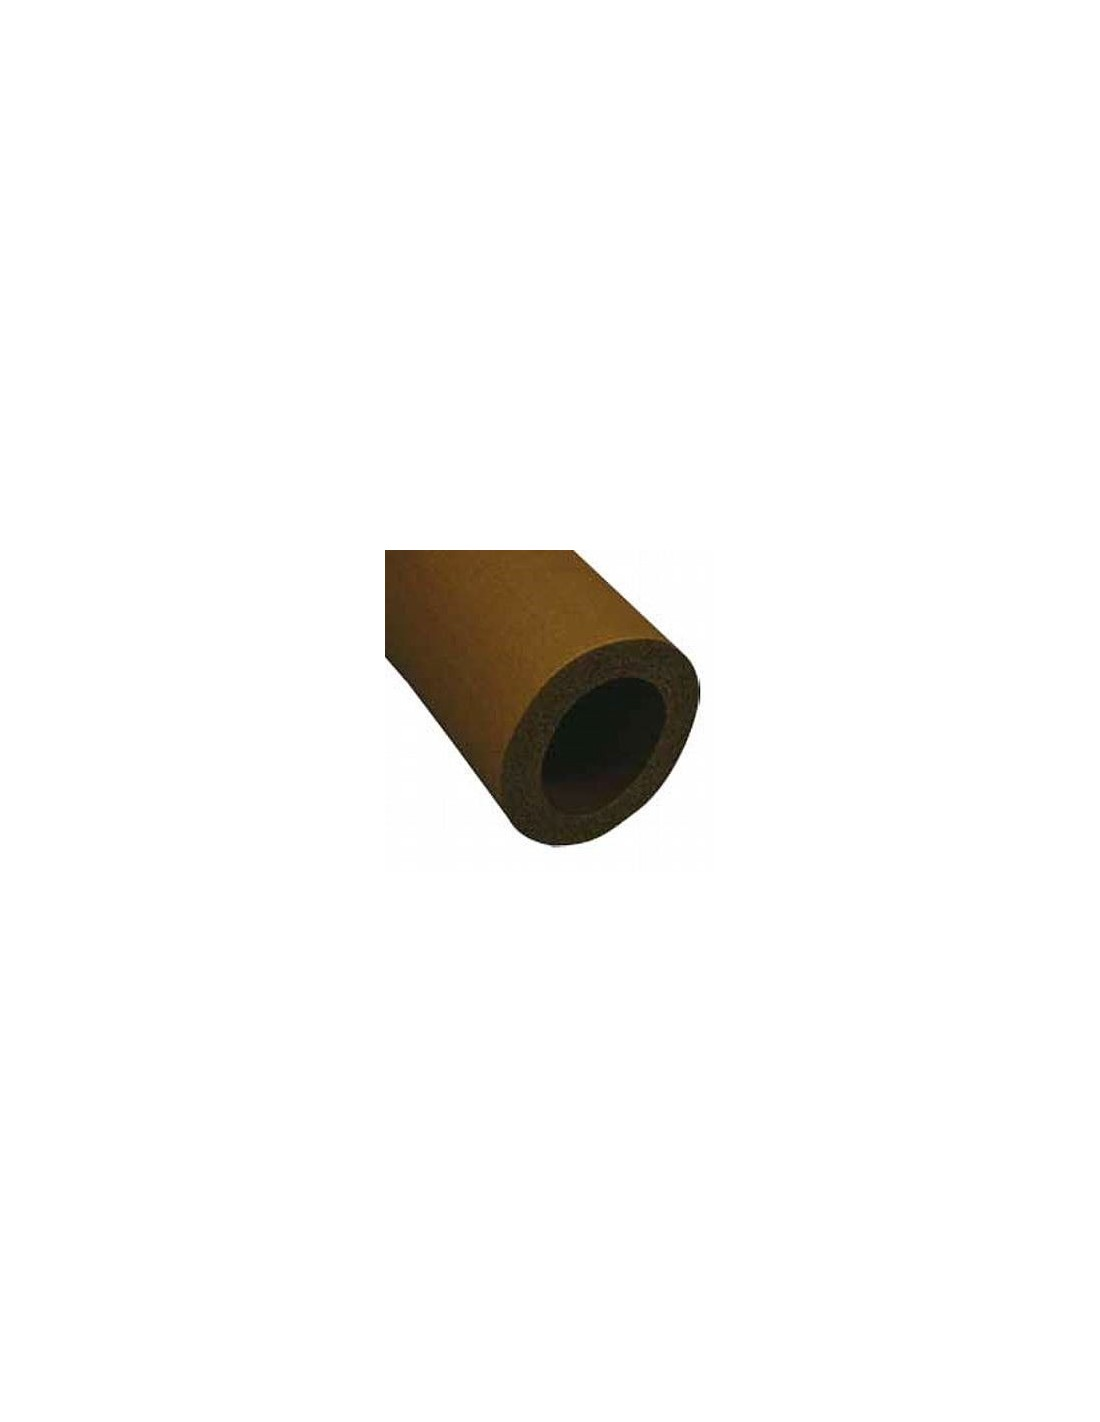 UPP00087 - Rörisolering 6x10mm